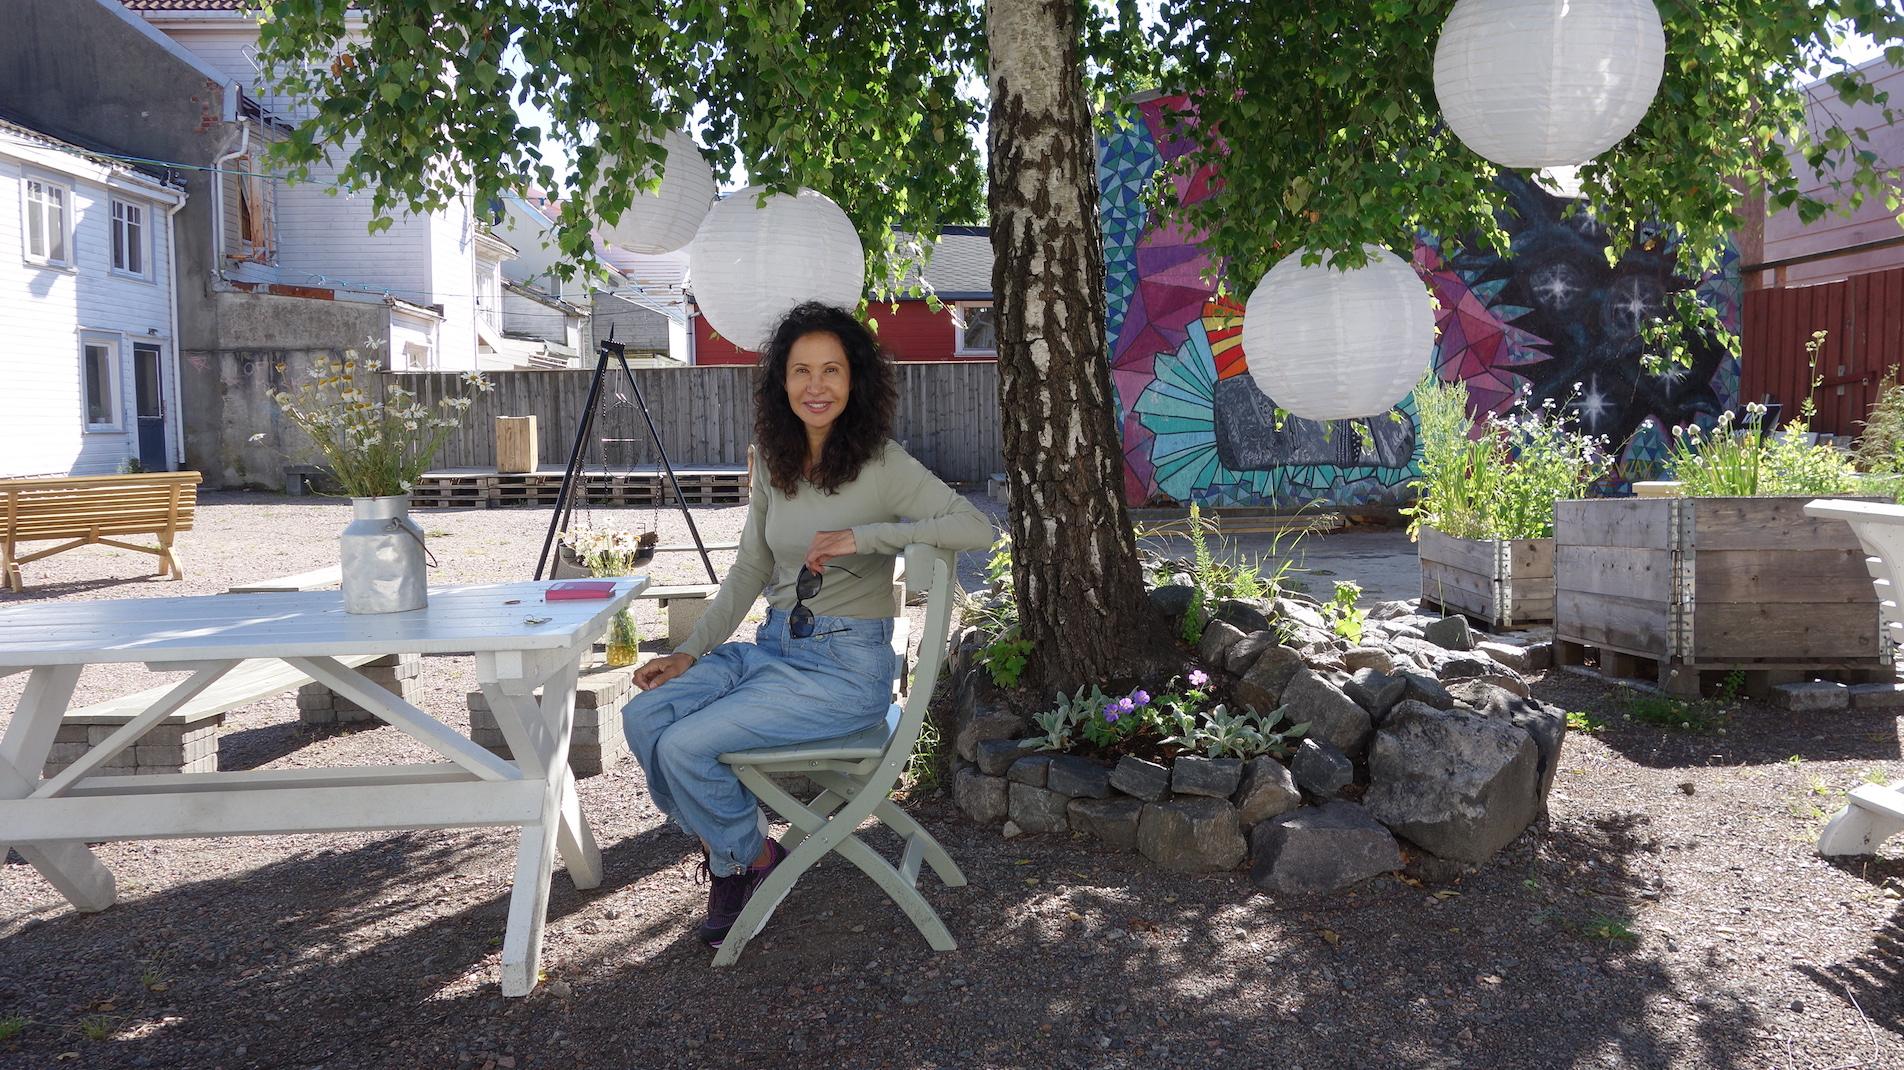 NYTT STED: Den Internasjonale Kulturfestivalen Avholdes For Anledningen Her I Posebyhaven, Lørdag 15. August. Festivalsjef Cynthia Trydal Sitter I Forgrunnen.